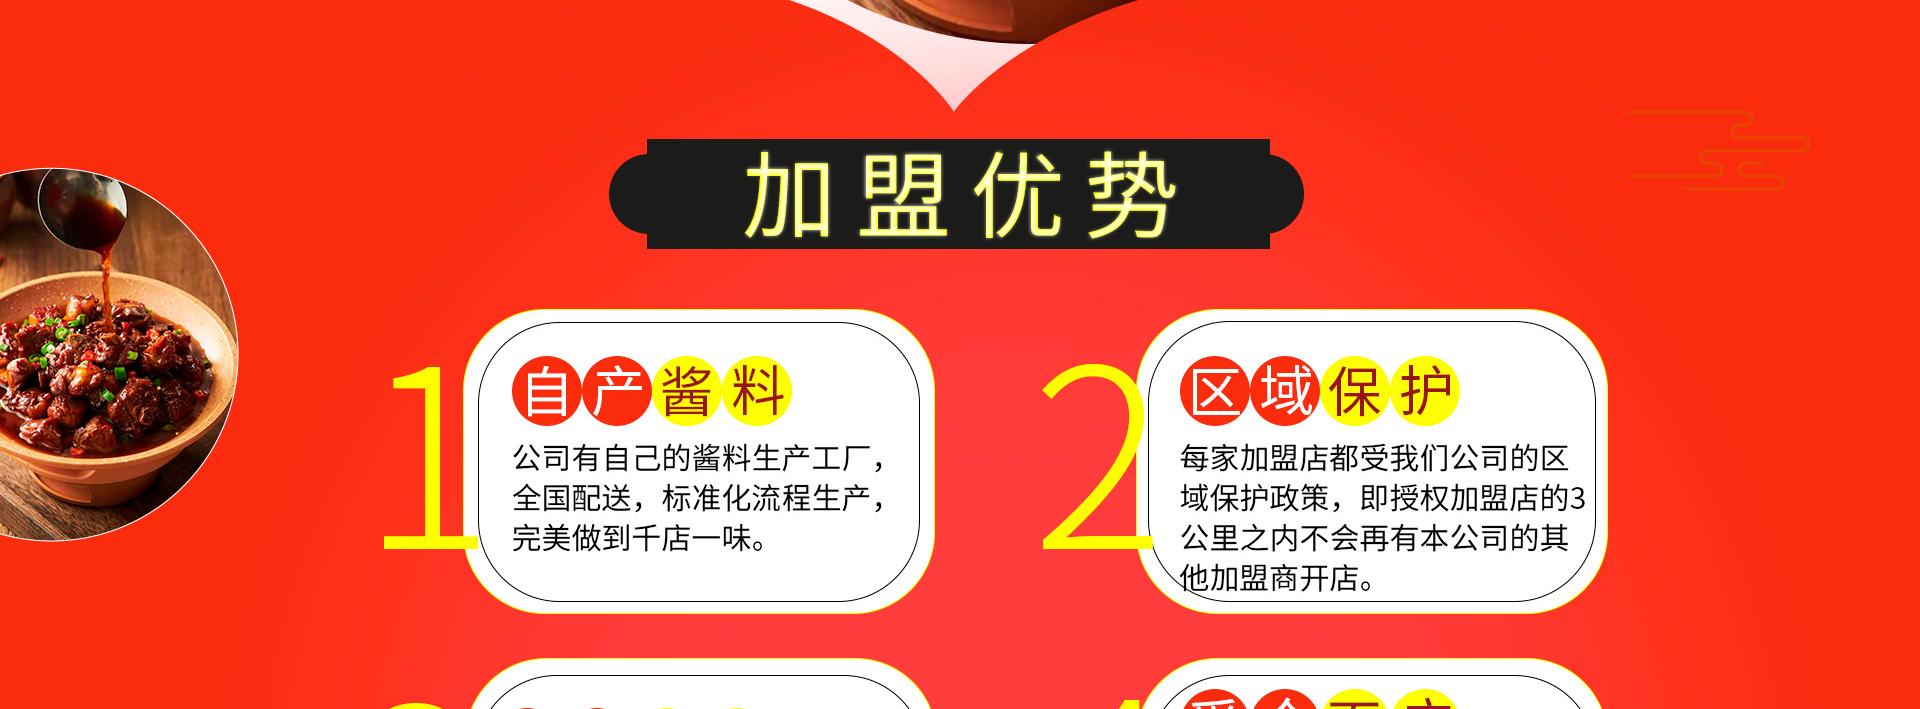 陶炉鸡快餐PC_07